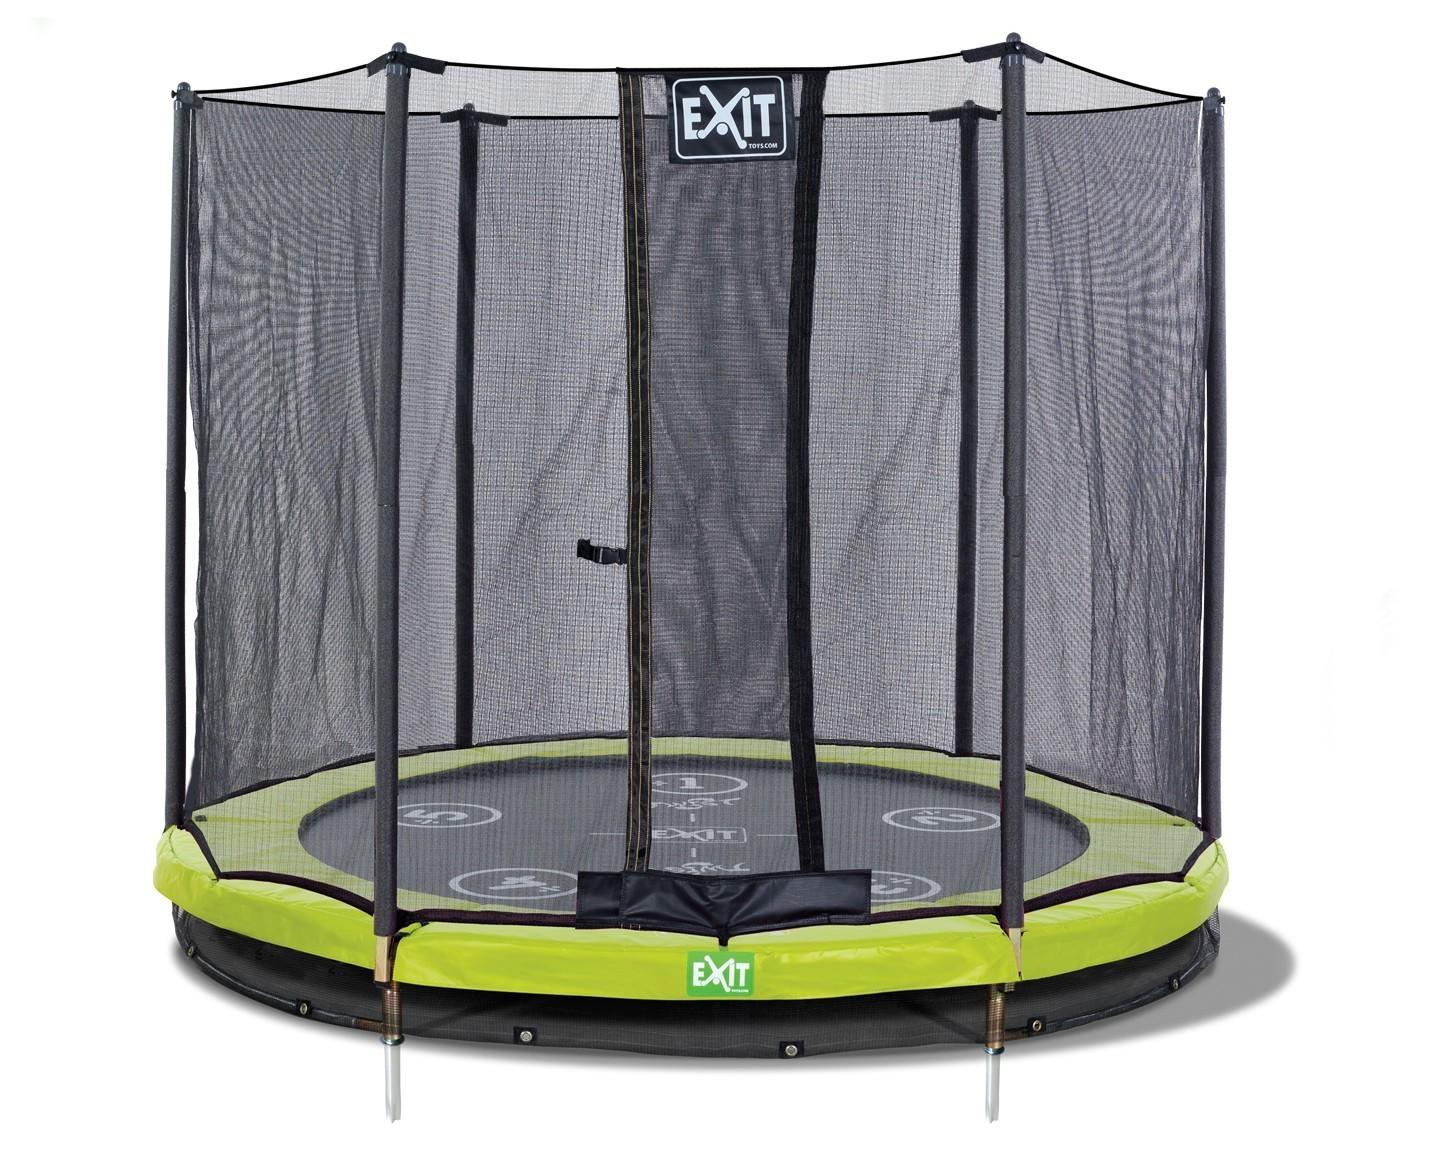 trampolin exit twist ground mit sicherheitsnetz 244 cm. Black Bedroom Furniture Sets. Home Design Ideas